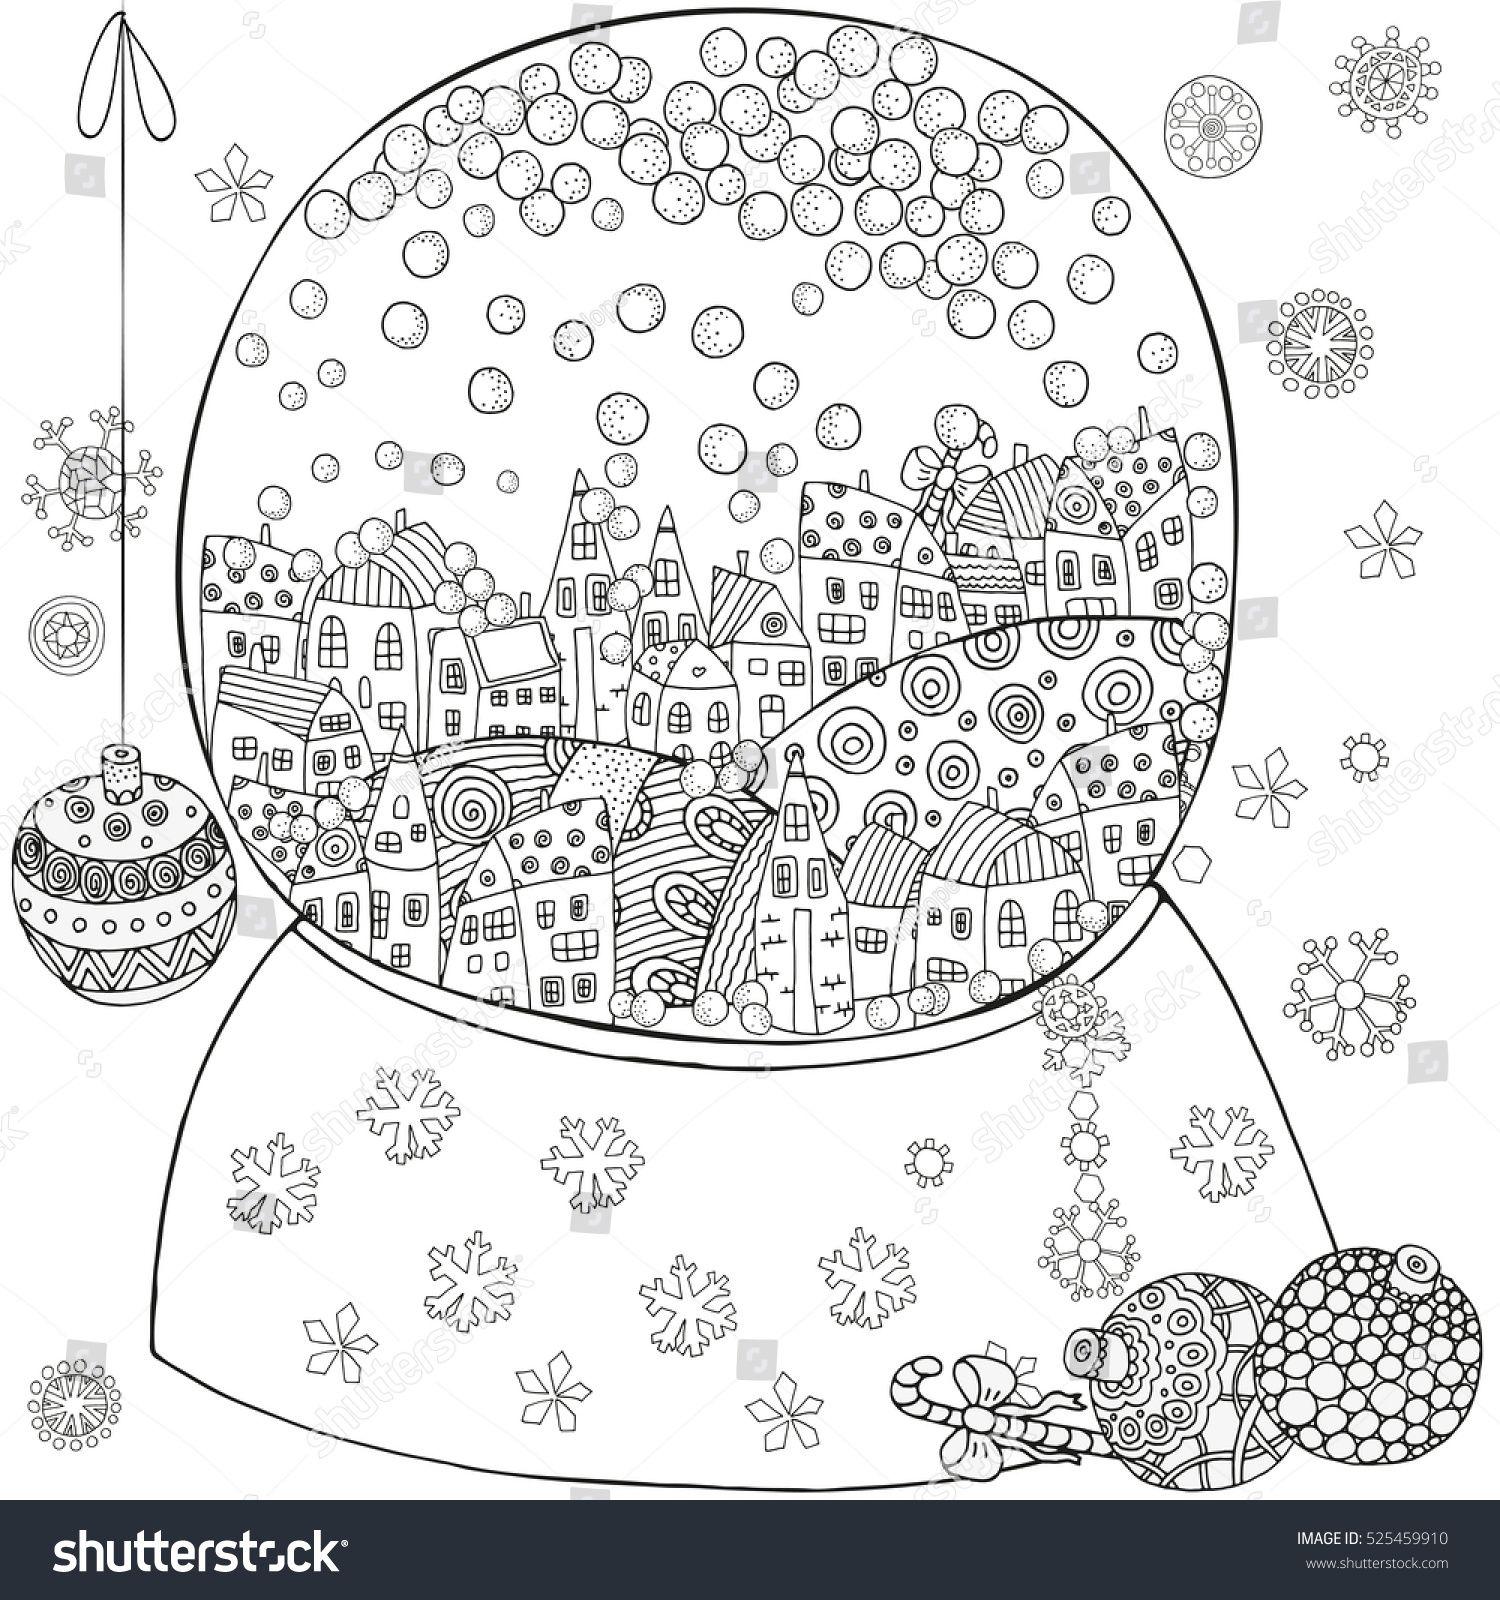 Pin de Carmen Argüello en Bolas de cristal | Pinterest | Bola de ...